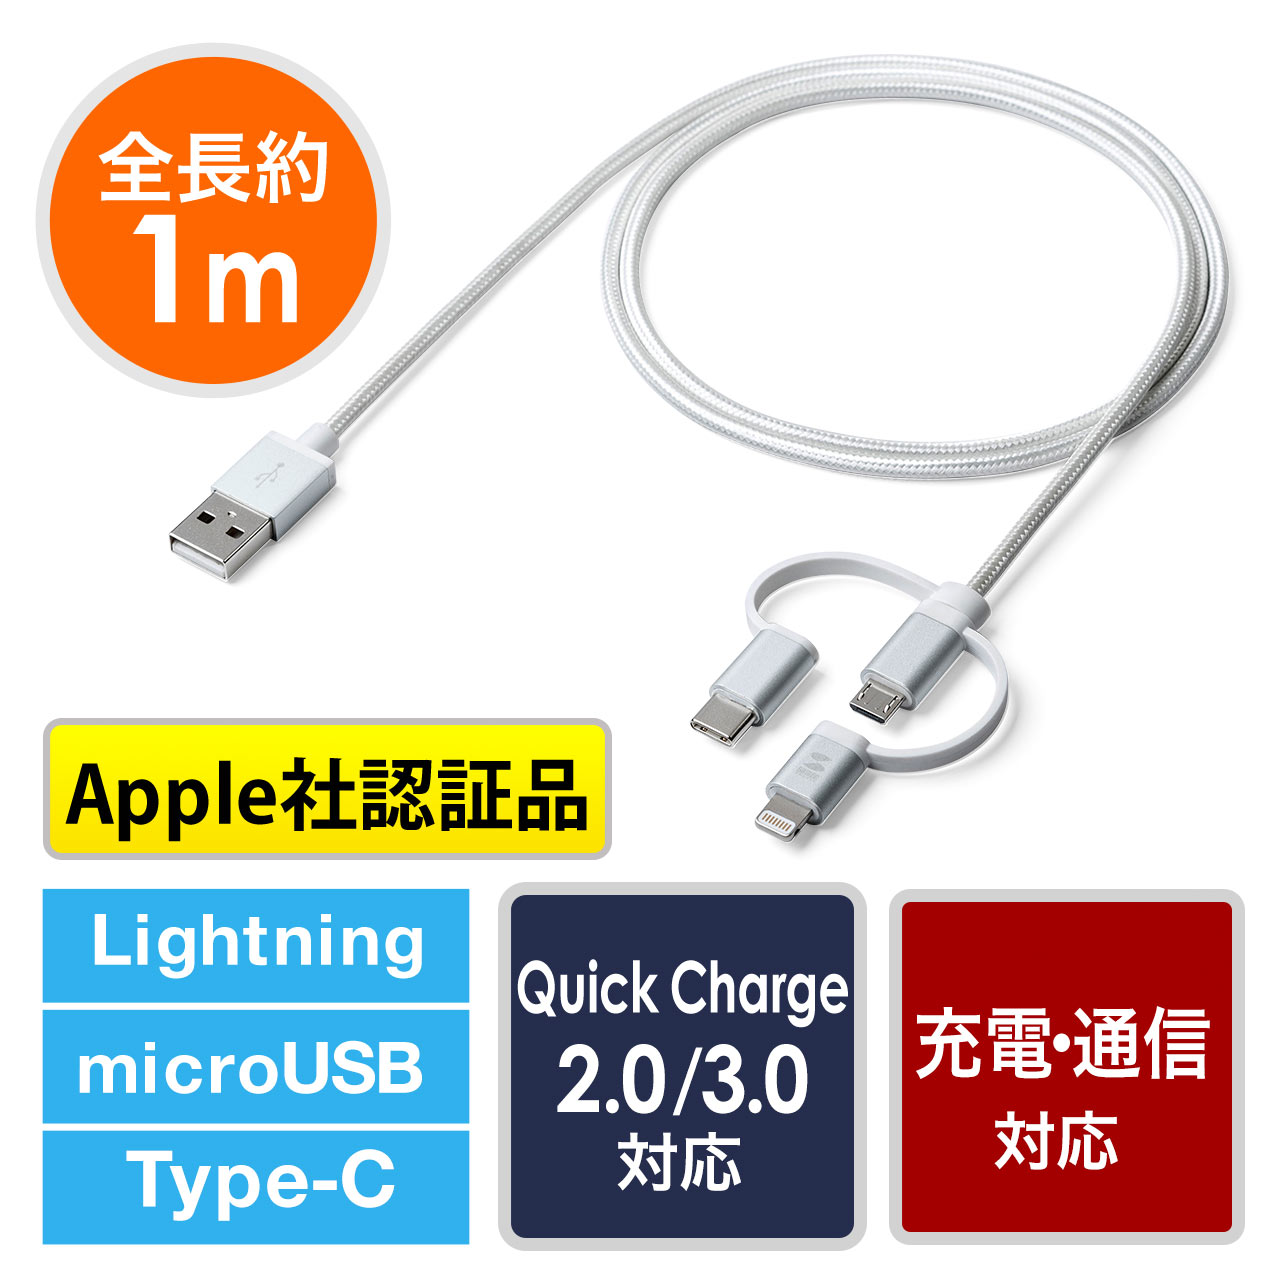 【ネコポス送料無料】3in1 ライトニング マイクロUSB USB Type-Cケーブル(Lightning・microUSB・Type-C対応・充電通信・1本3役) サンワダイレクト サンワサプライ 500-IPLM019